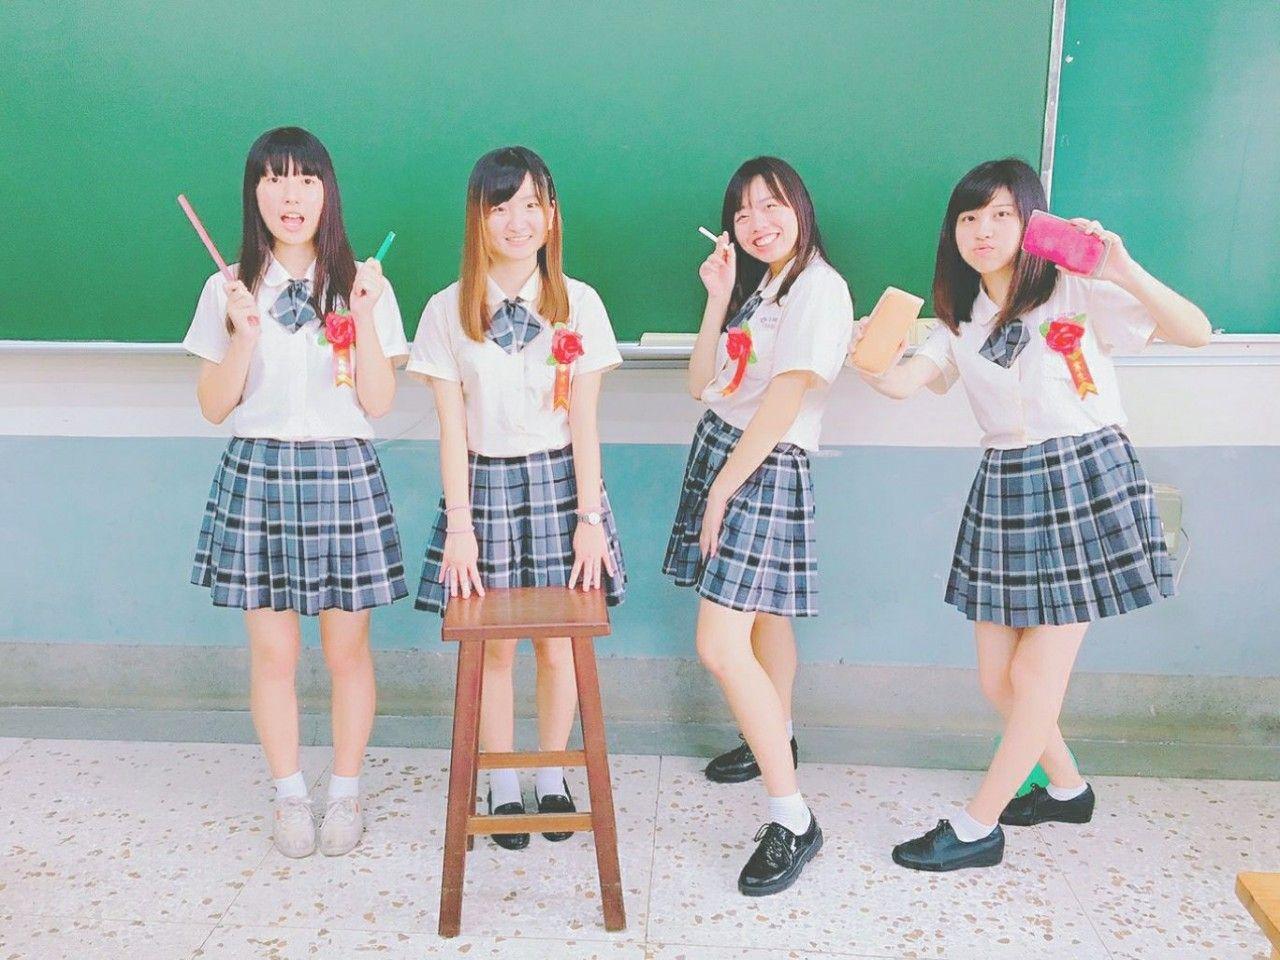 師大附中 | Uniform Map 制服地圖 | School girl, Girl, School